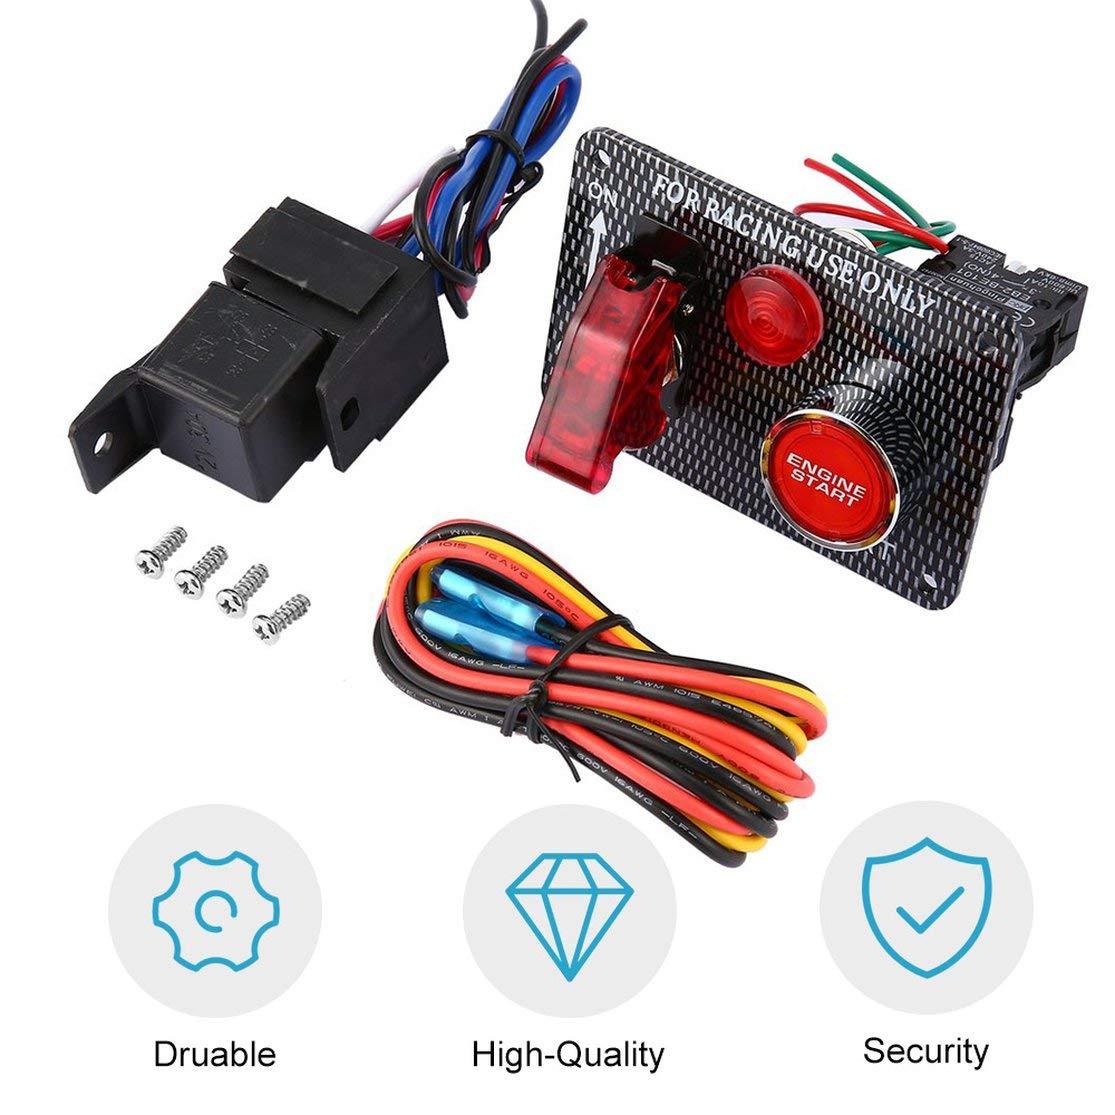 Kaemma Interruttore di accensione per Auto da Corsa 12V Pulsante di accensione del Motore per accensione a LED Interruttore a levetta a 2 velocit/à per Auto Modifica Colore: Nero